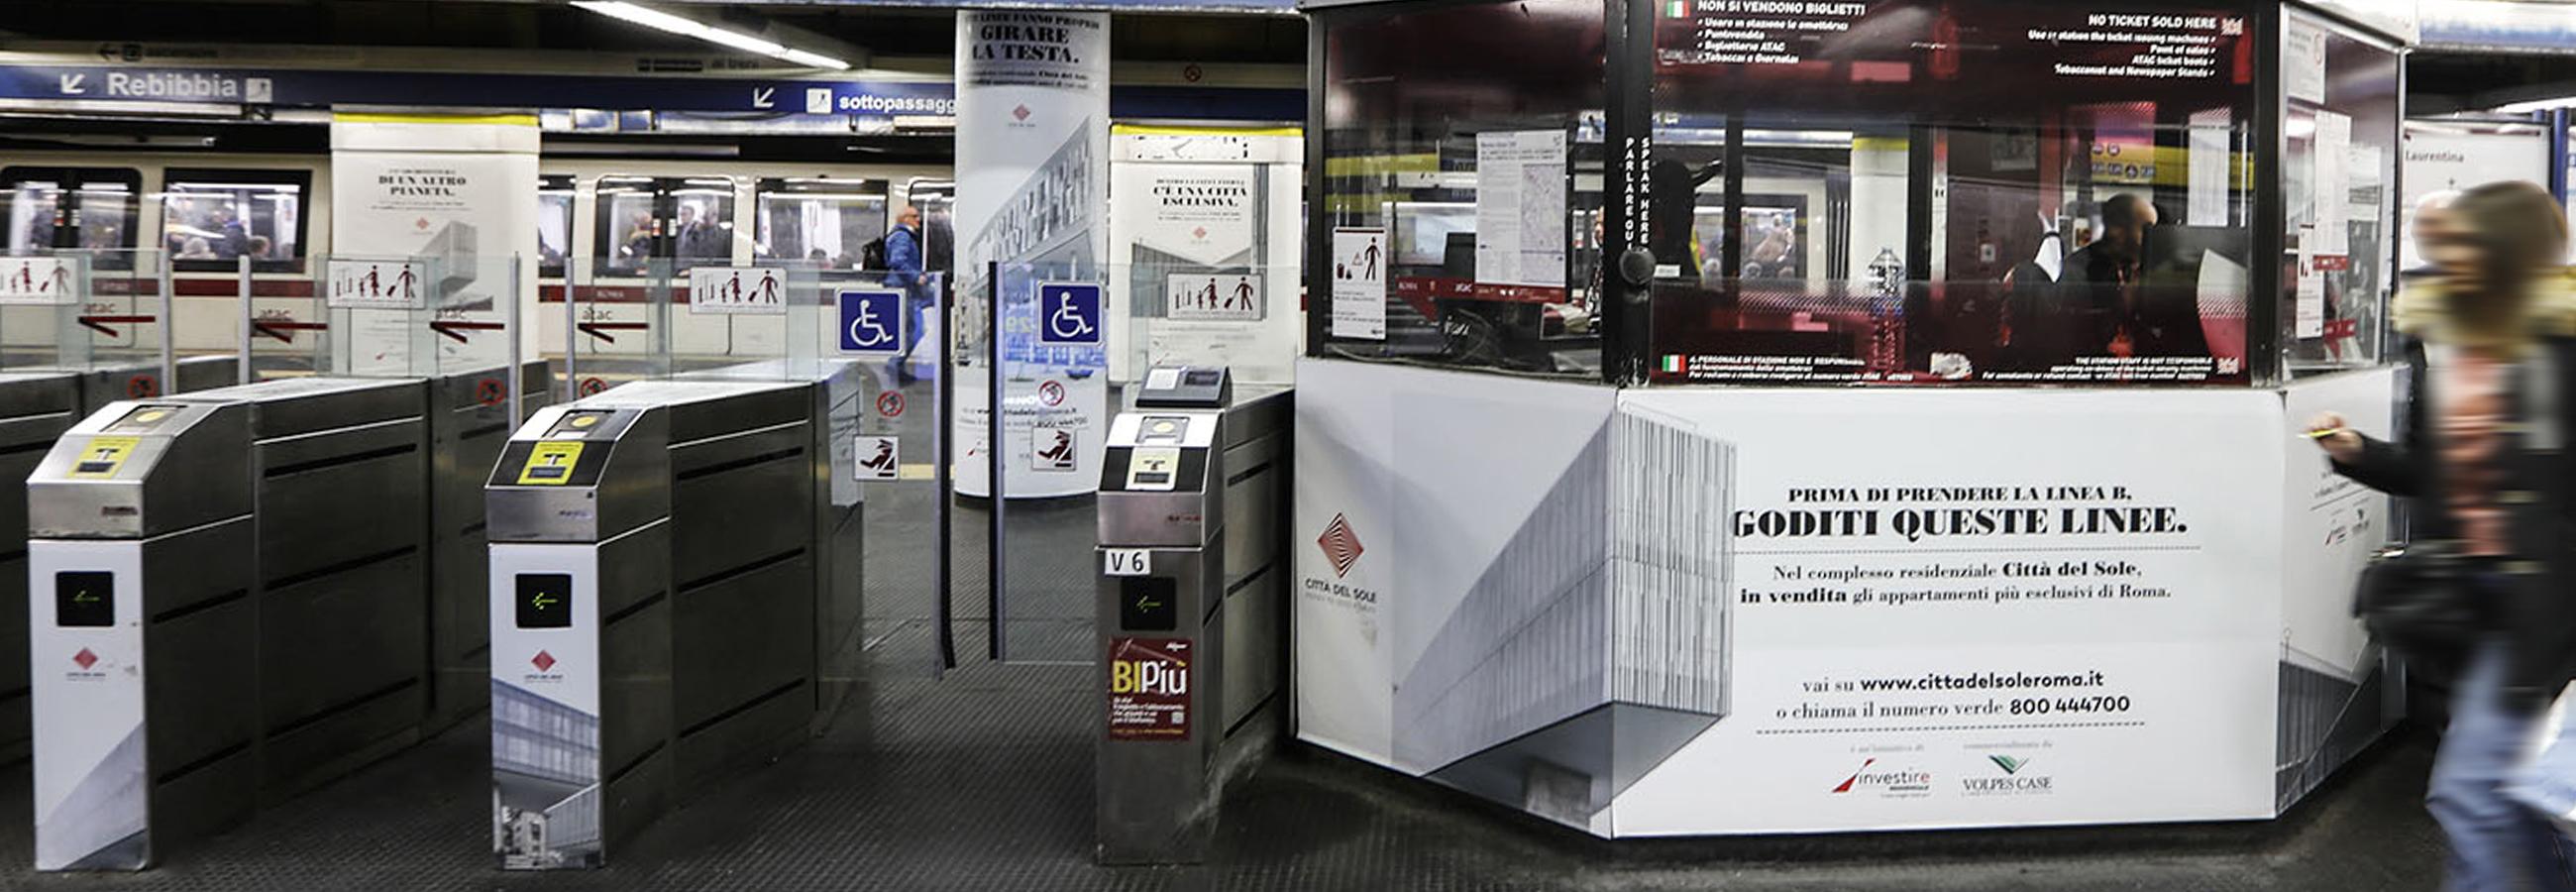 Station Domination a Roma Tiburtina per Città del Sole